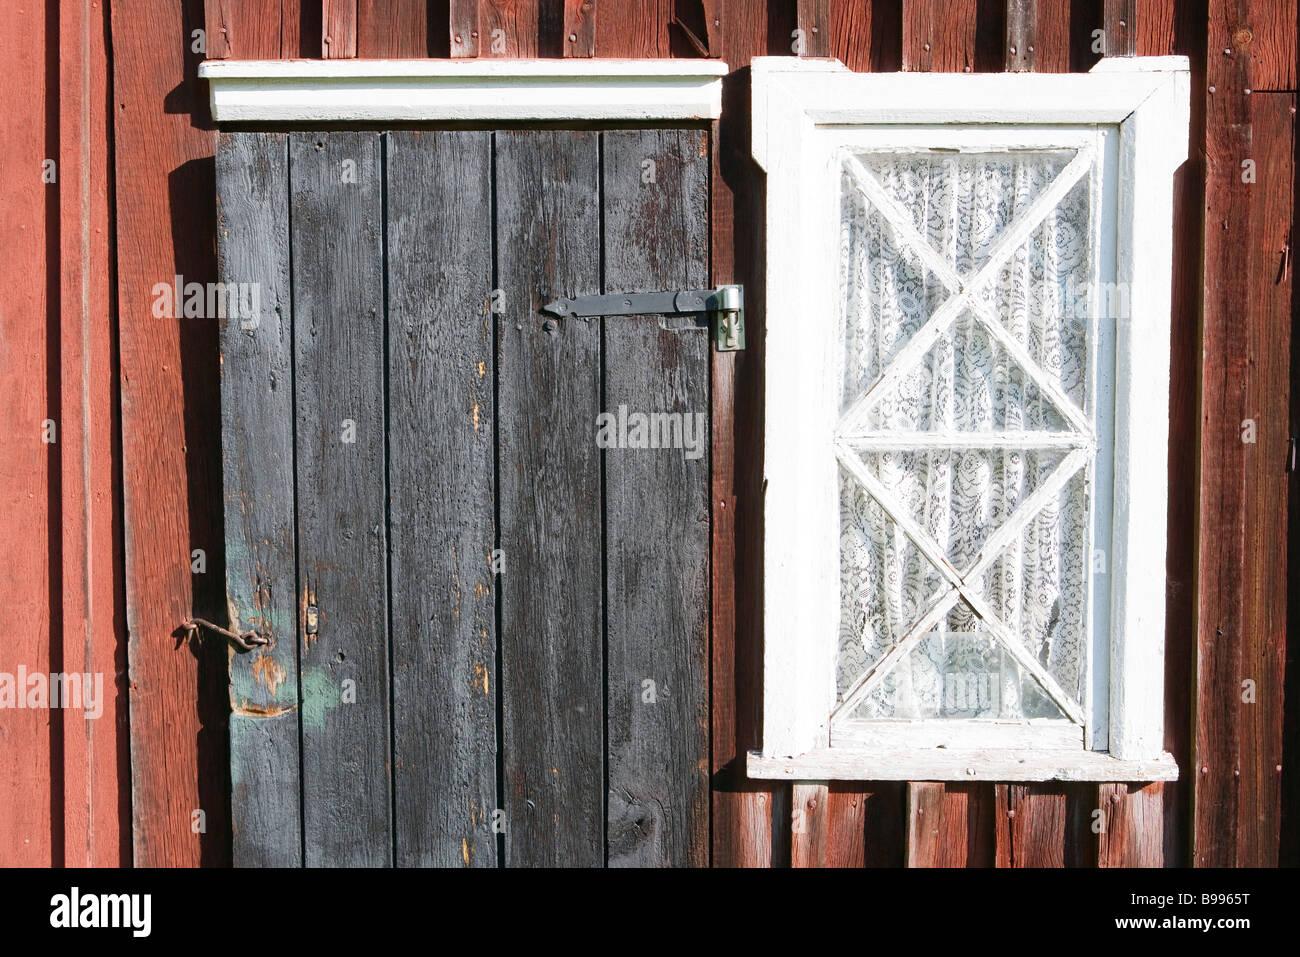 https www alamyimages fr photo image exterieur de l immeuble avec porte et fenetre rideaux 22944708 html